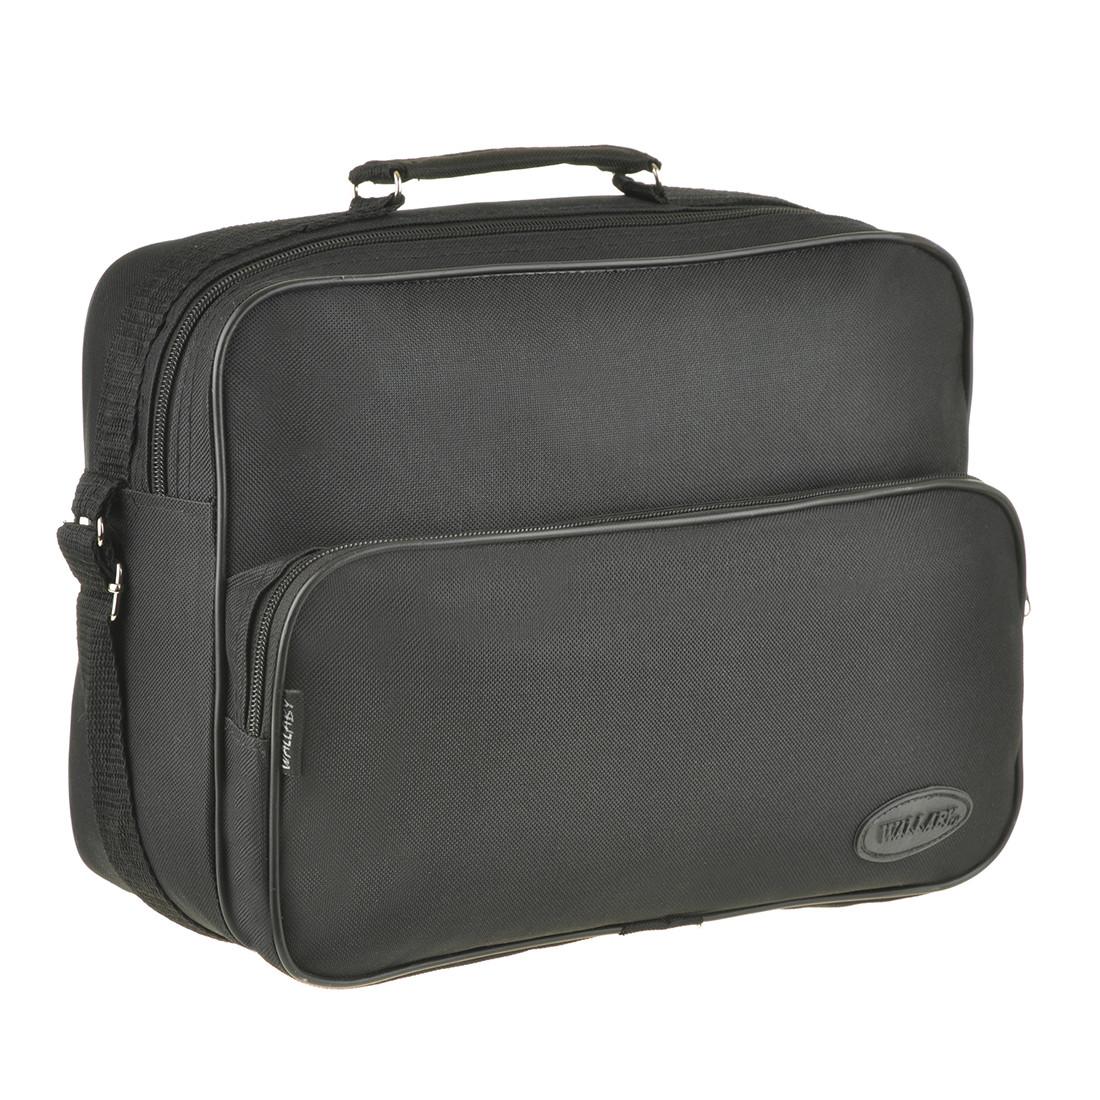 Мужская сумка Wallaby ткань полиэстер 33х24х14    в 2612